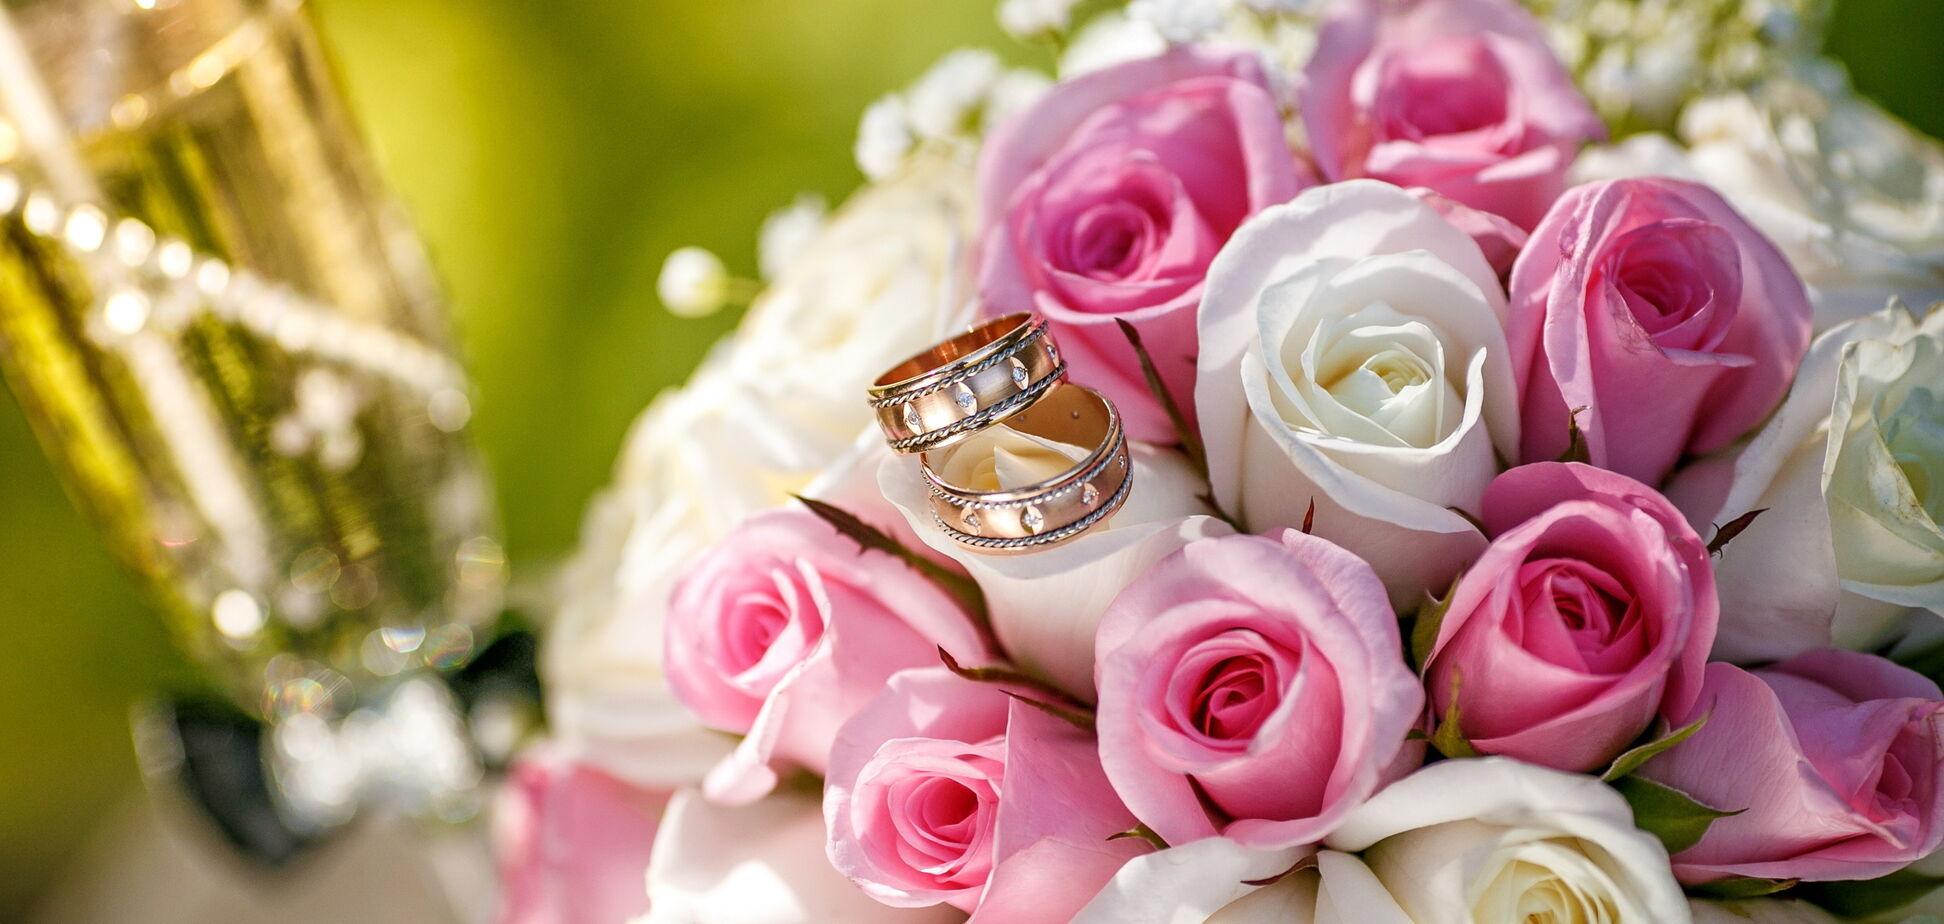 Свадьбы в августе 2018: самые благоприятные дни